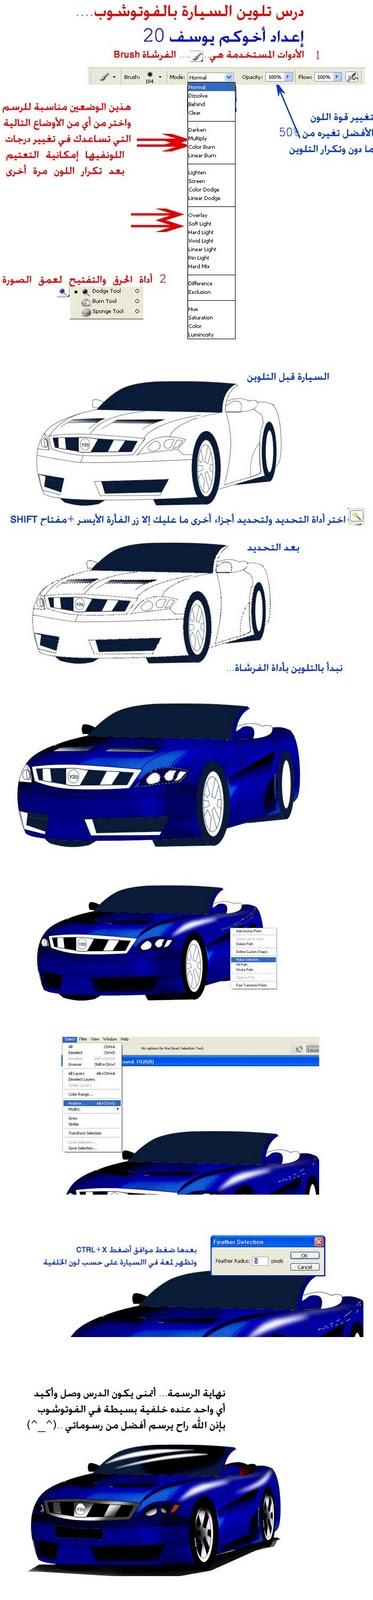 درس تغيير لون السيارة باستعمال الفوتوشوب | دروس الفوتوشوب